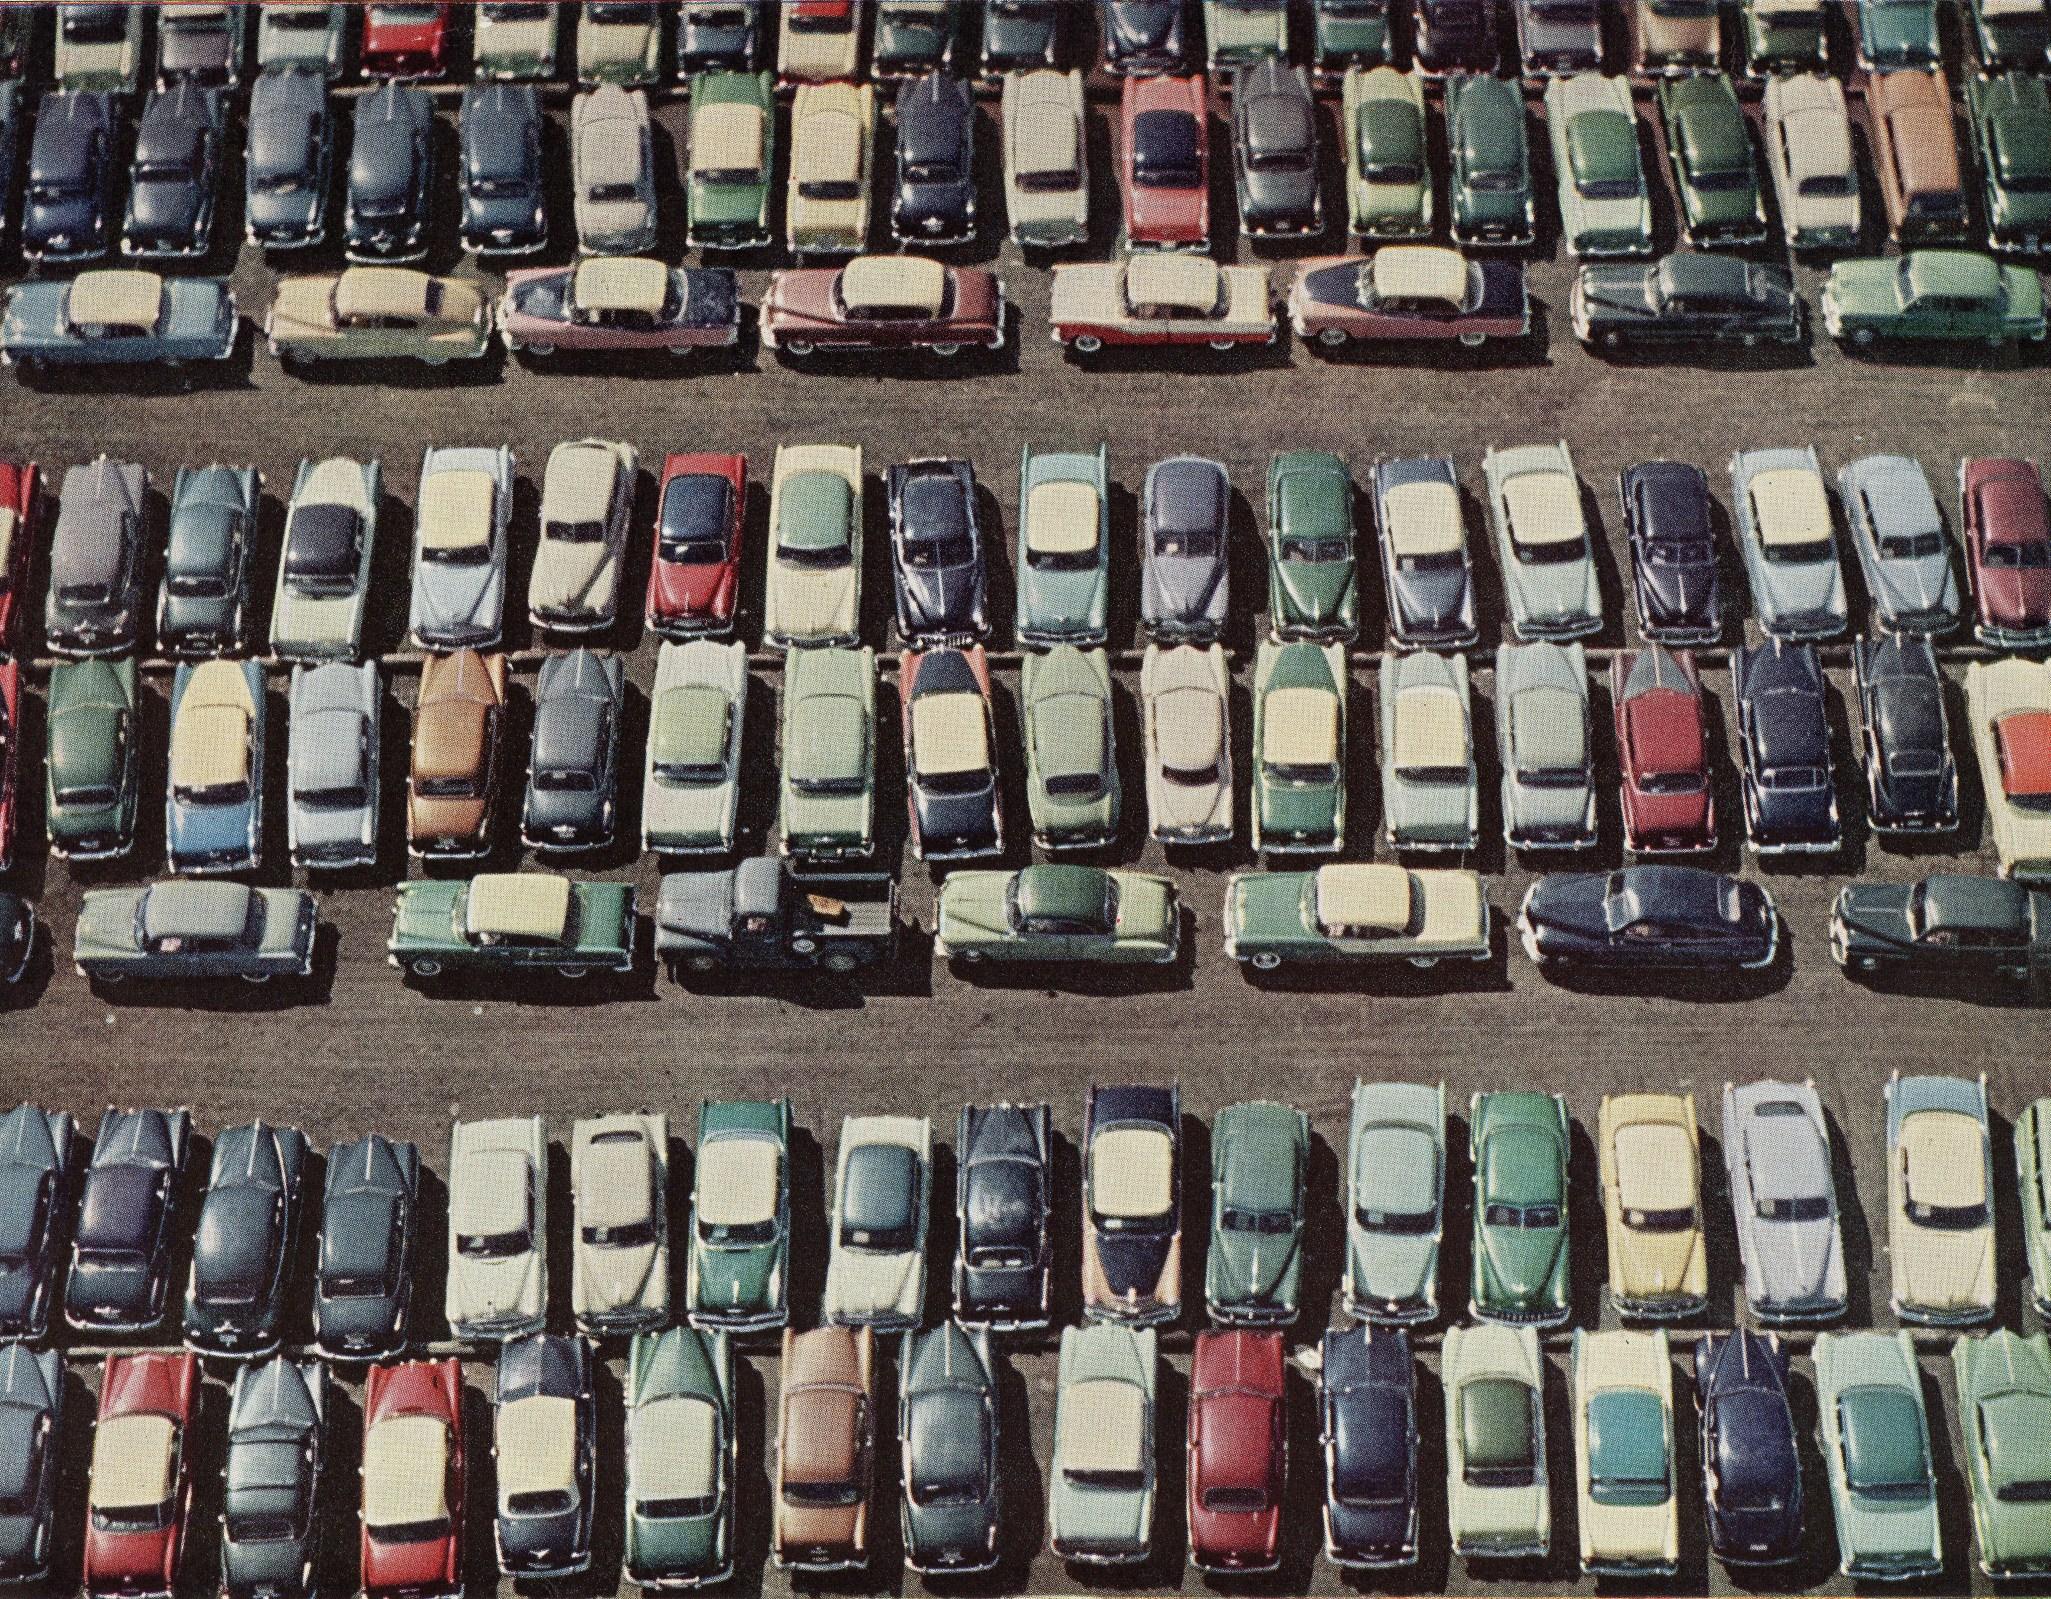 River, parking lot, Hudson valley